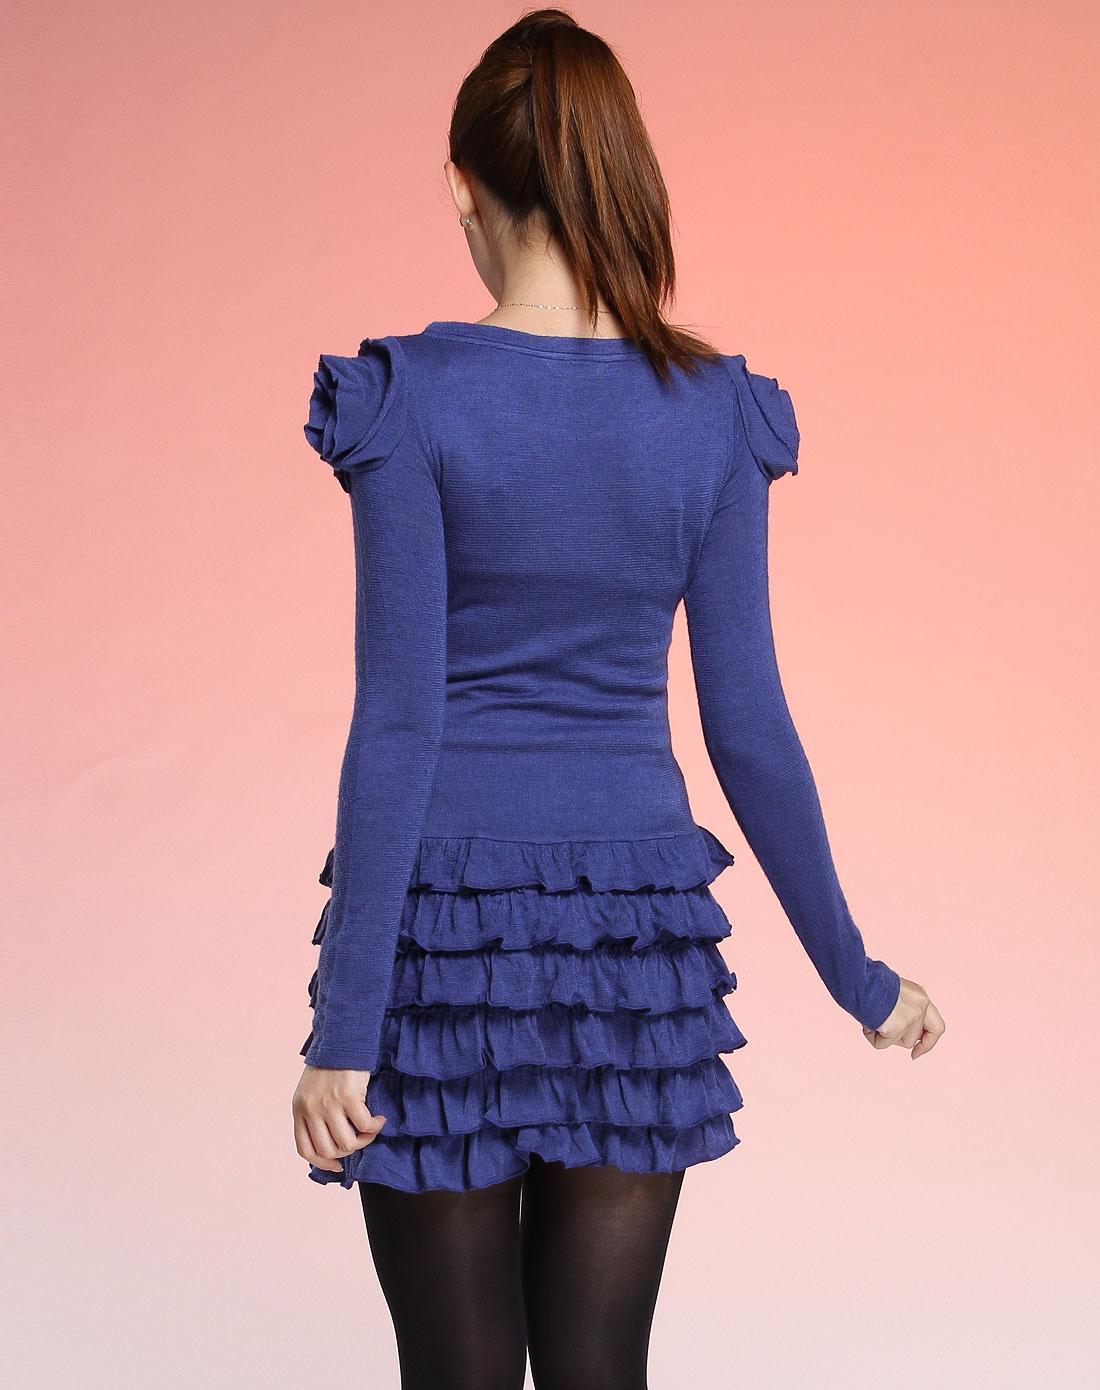 深蓝色圆领长袖可爱风格连衣裙